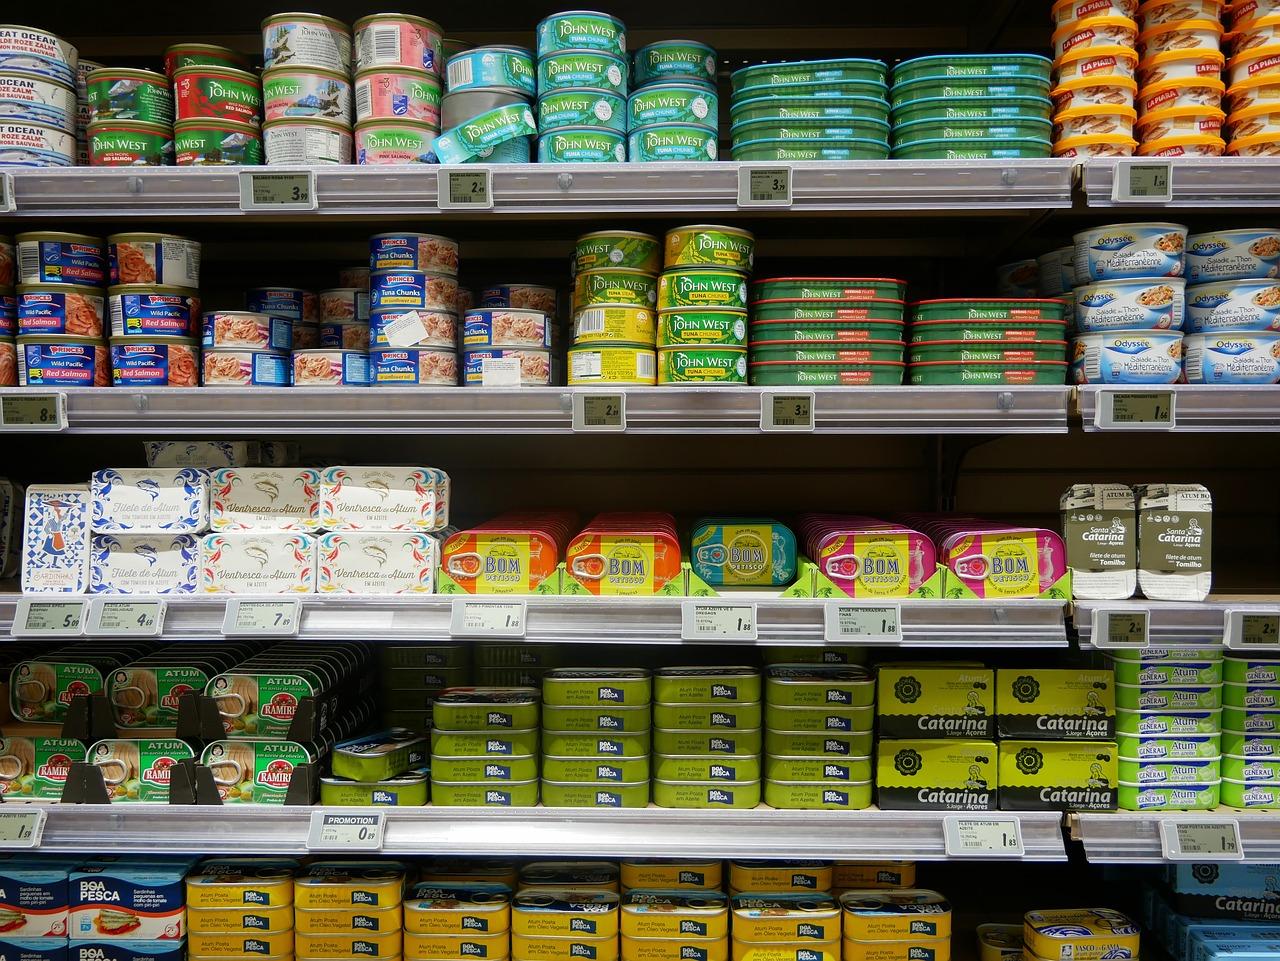 Traduction fiche produit alimentaire en anglais à CASTELNAUDARY